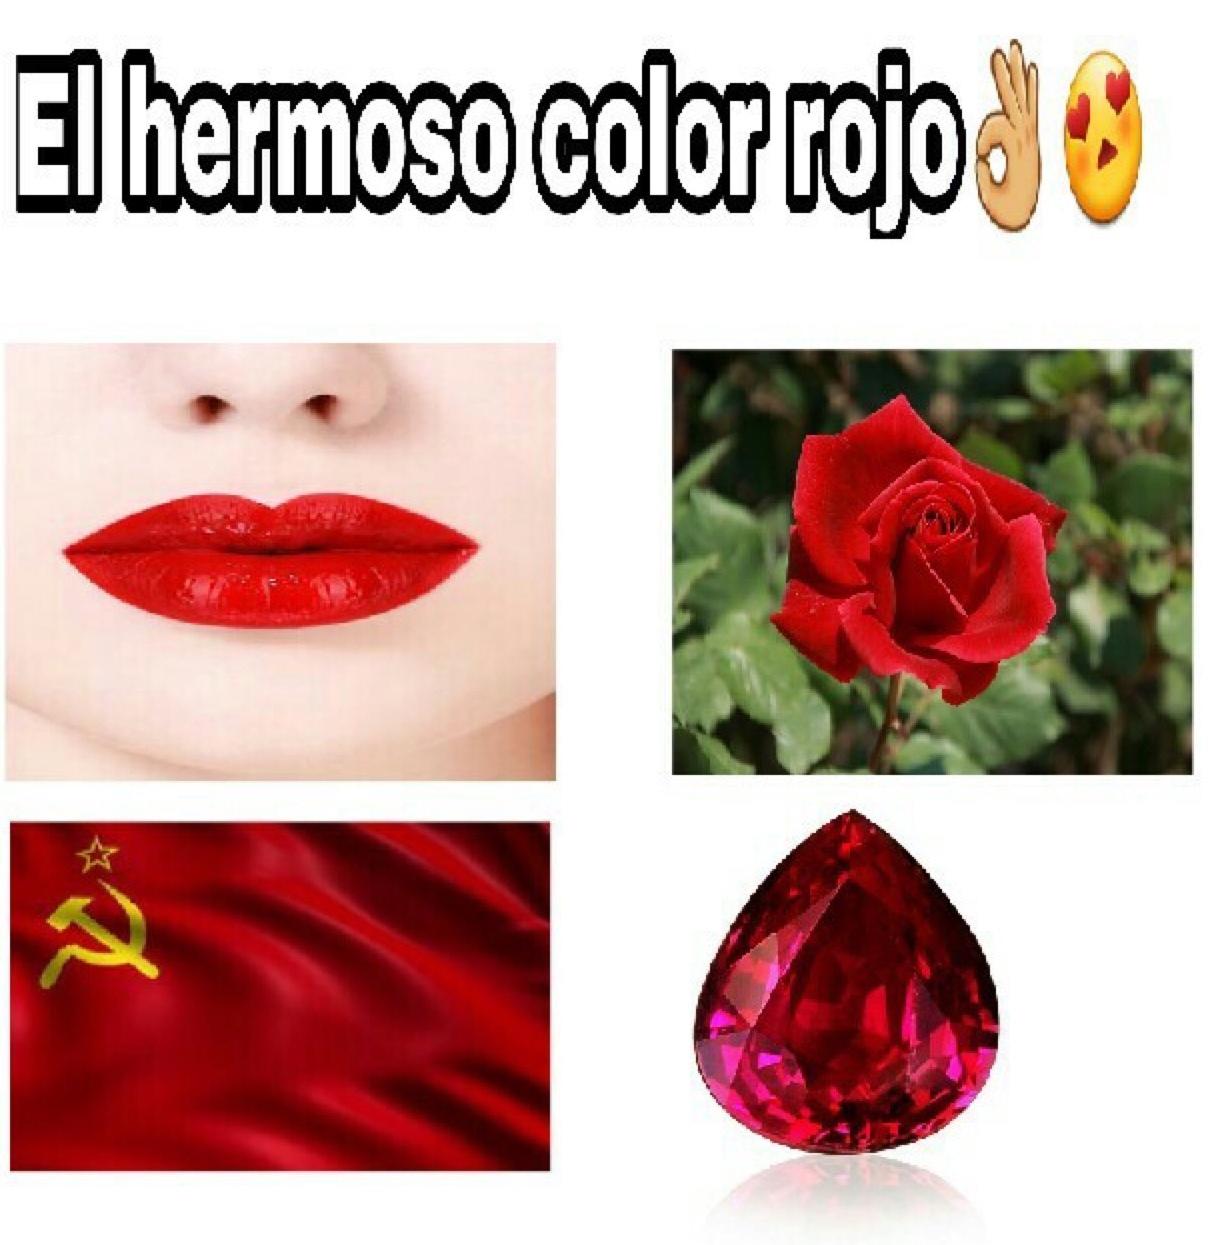 el rojo es hermoso - meme